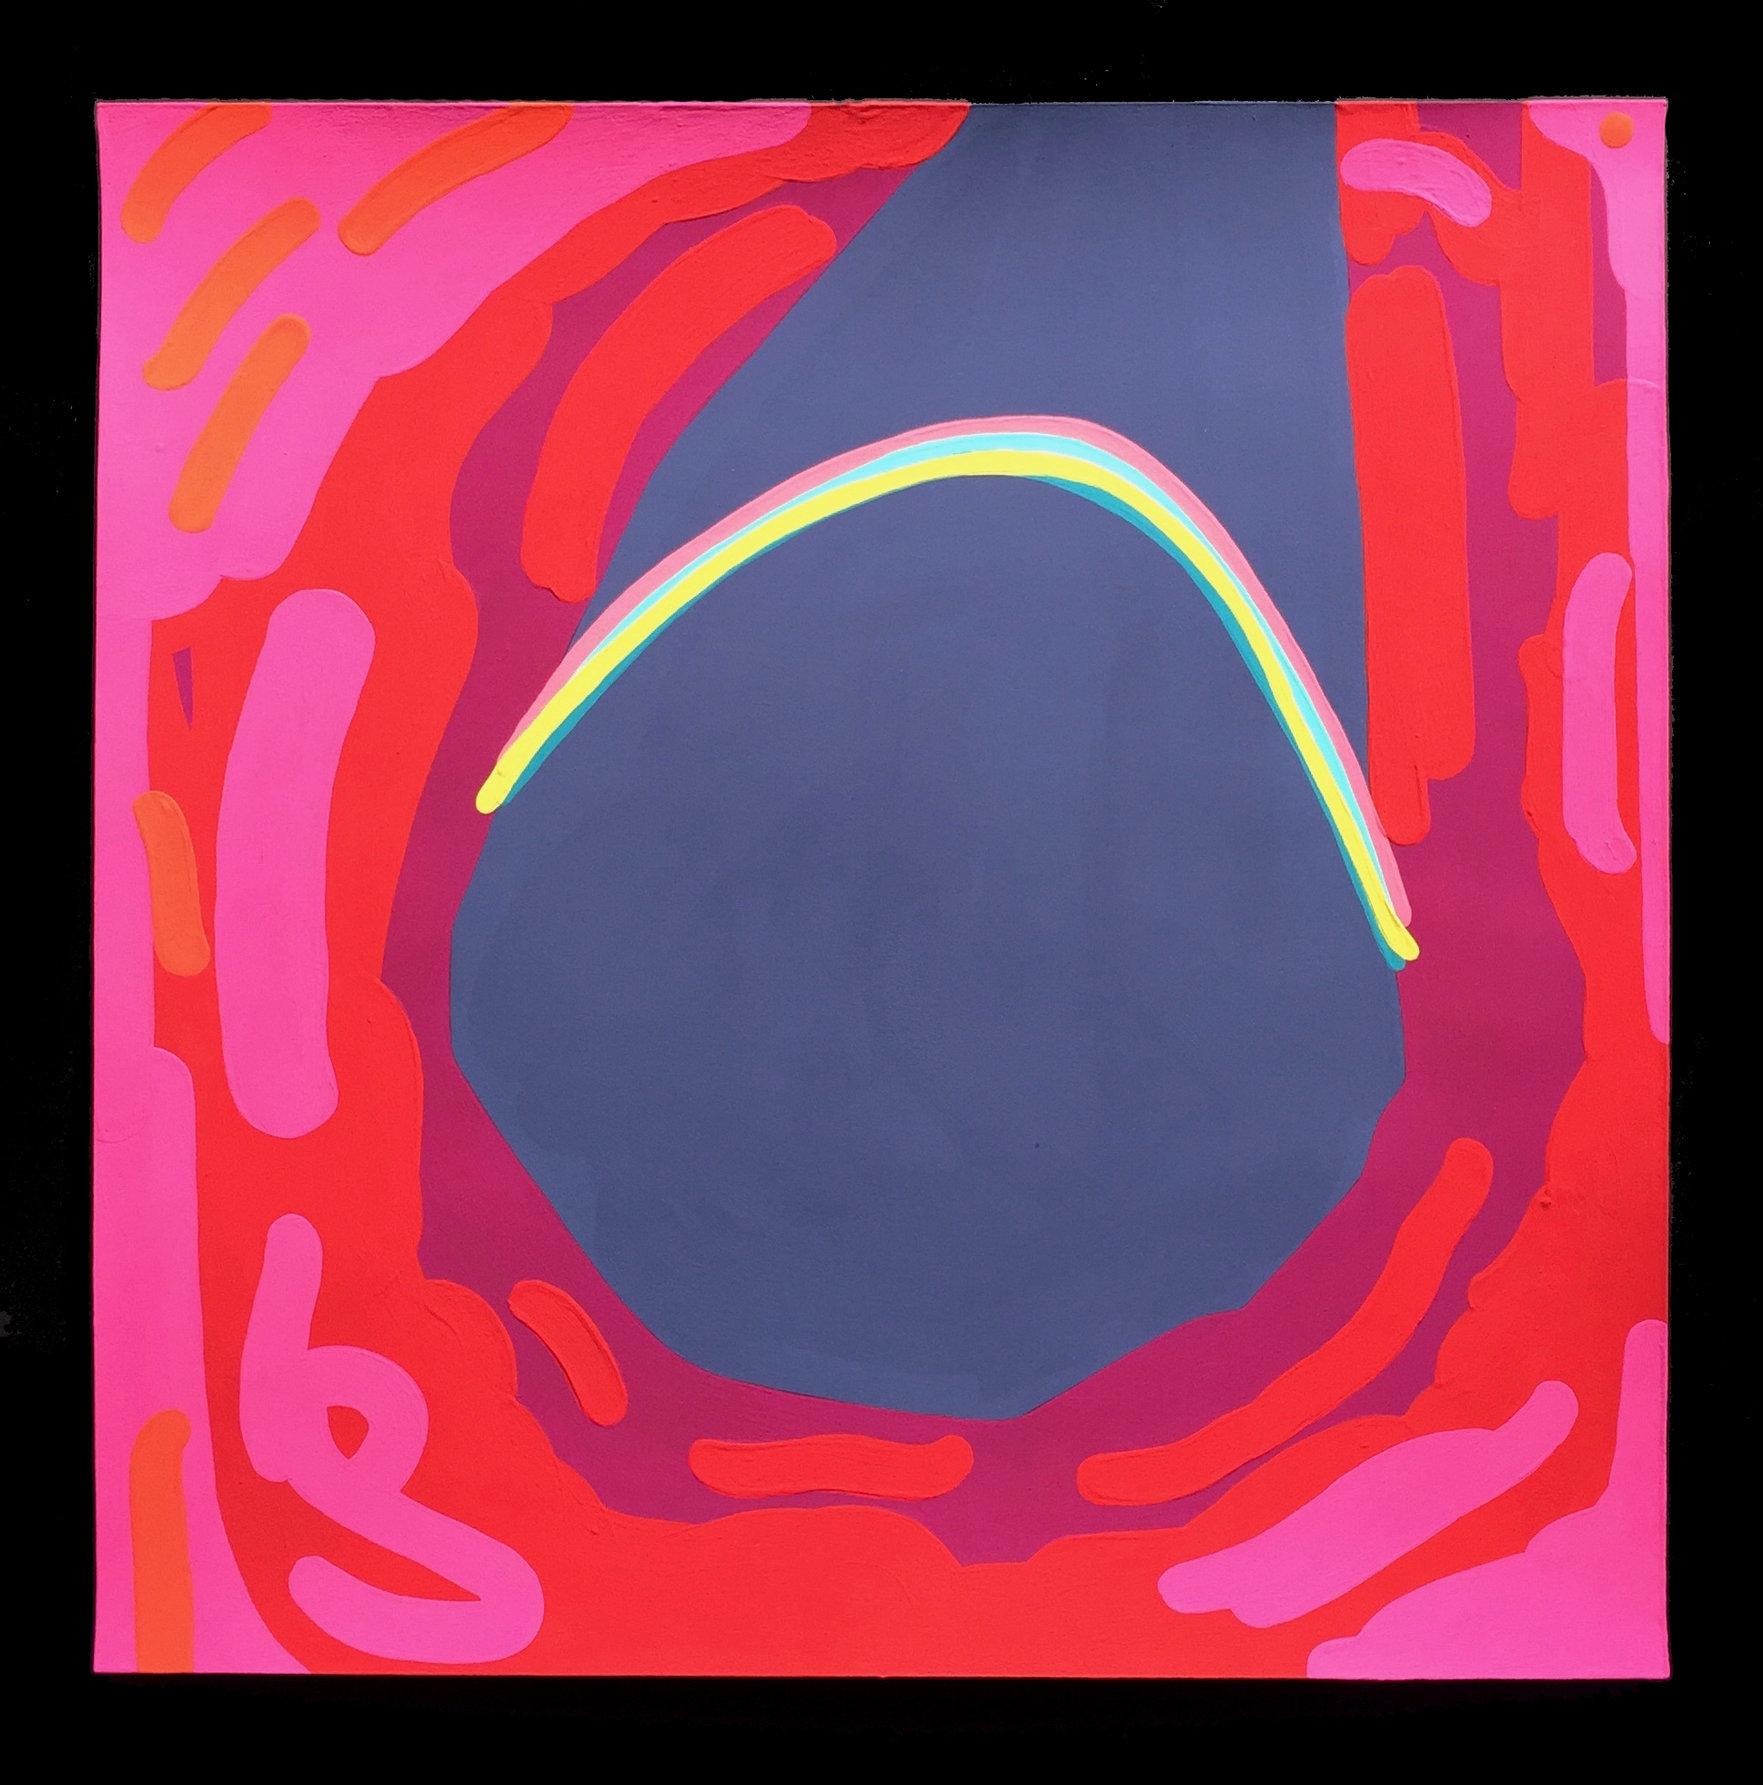 Desire Cave 10, 2017, gouache on paper